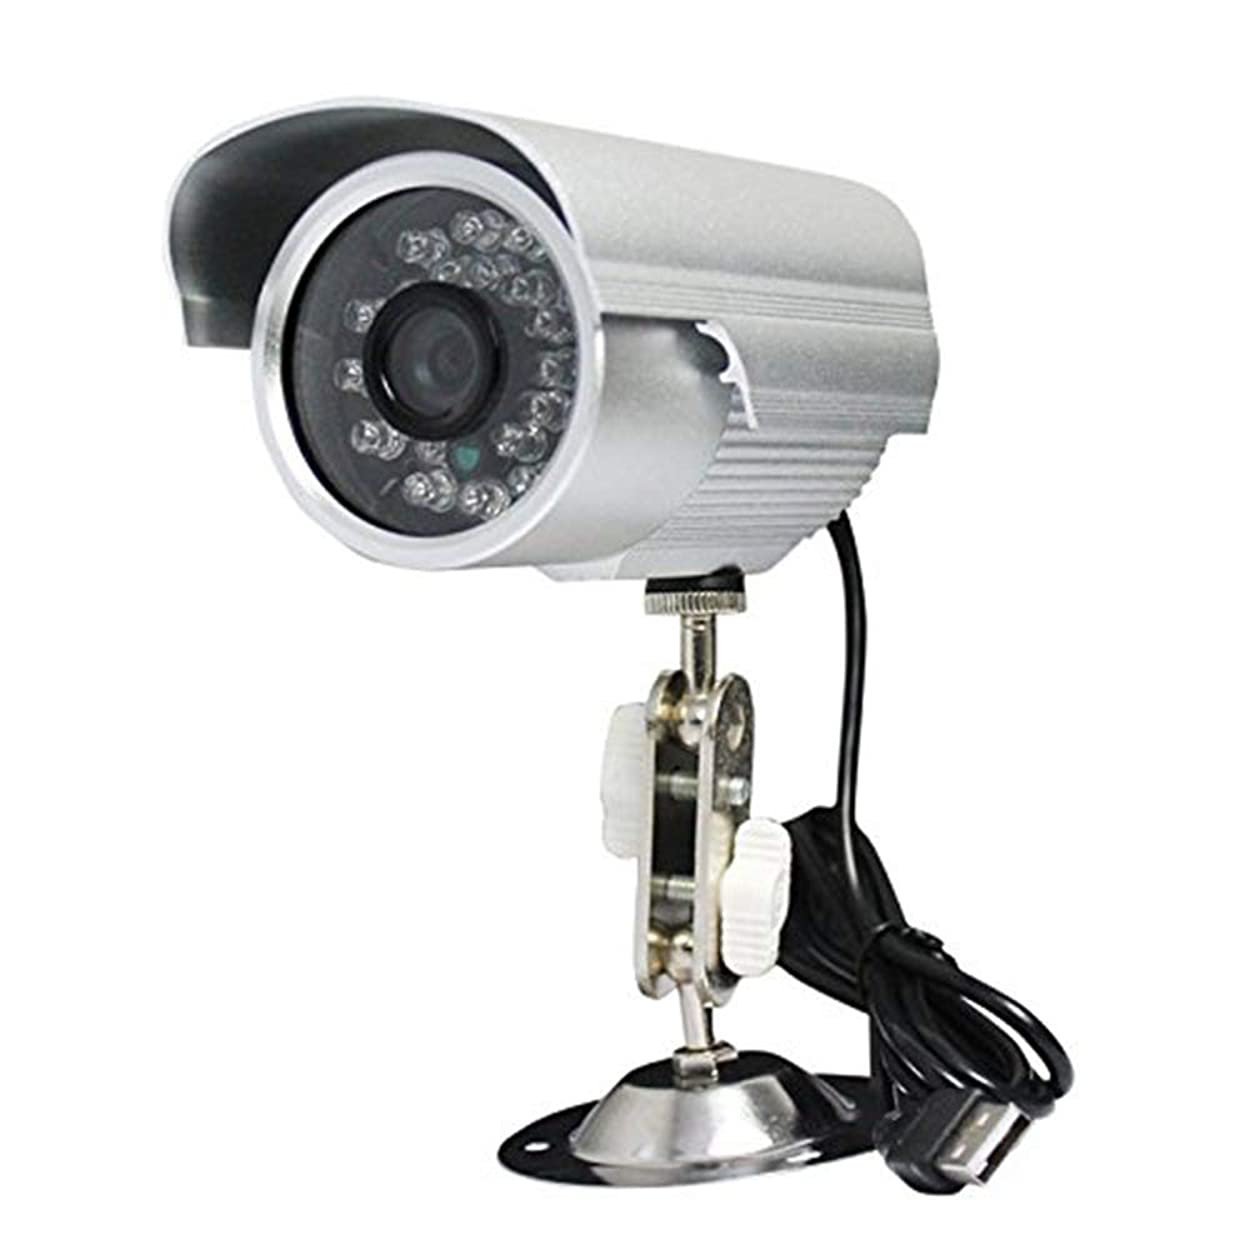 気難しいクレーター独立して防犯カメラ マイクロsdカード録画 屋外用 USB給電 監視カメラ 赤外線付き PC監視 暗視 防犯 セキュリティ かんたん設置